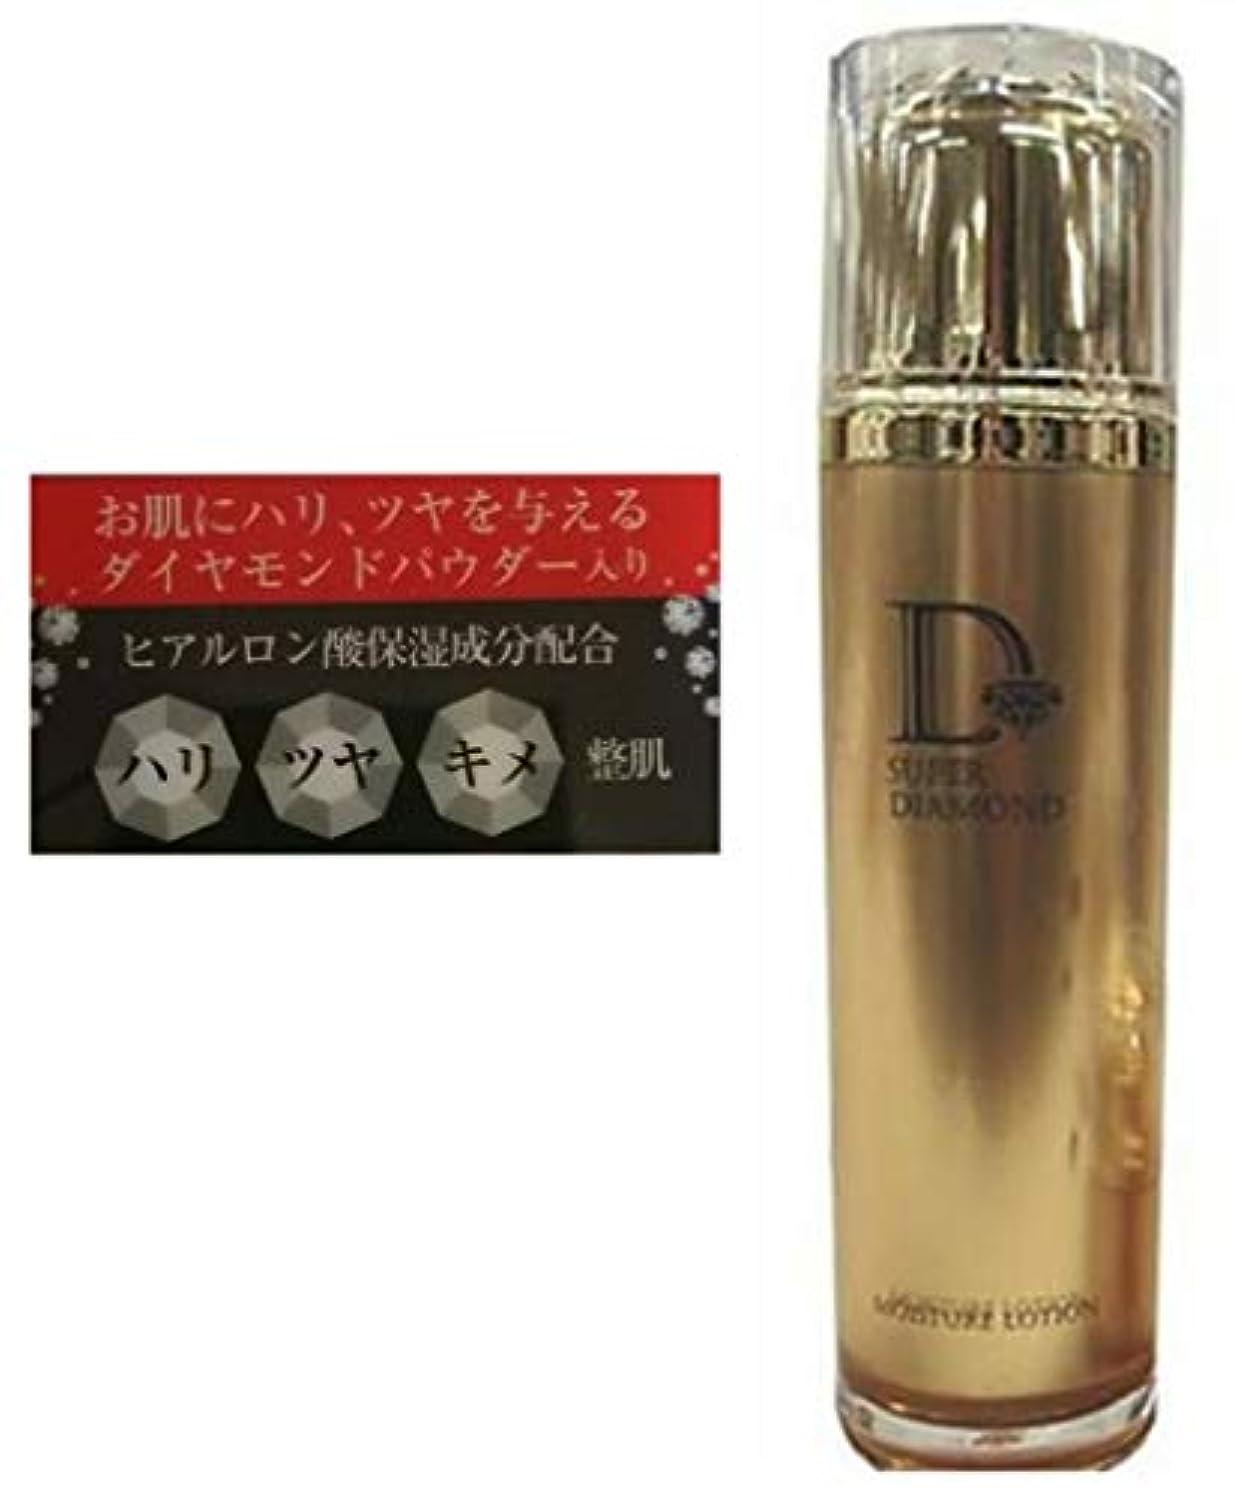 町通信するマナースーパーダイヤモンド 保湿化粧水 ハリ ツヤ キメ ダイヤモンド 日本製 保湿 化粧水 ヒアルロン酸